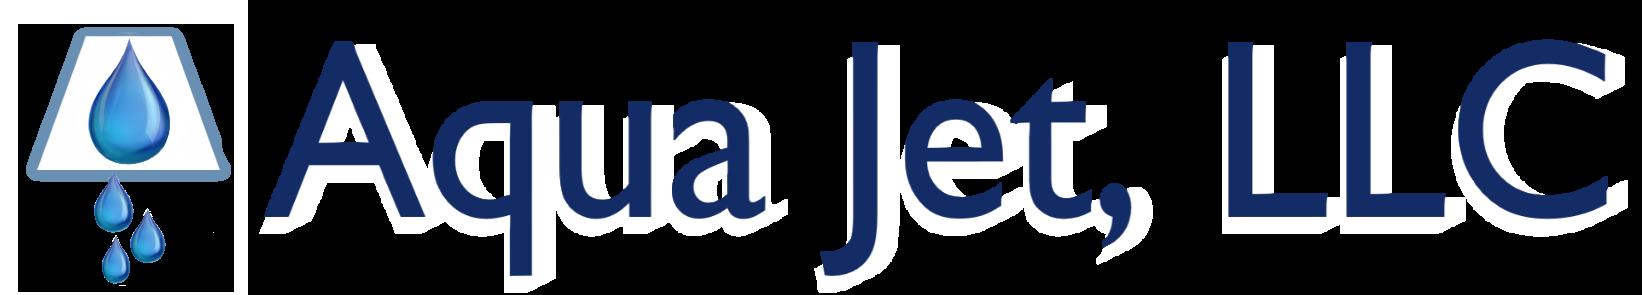 Aqua Jet, LLC